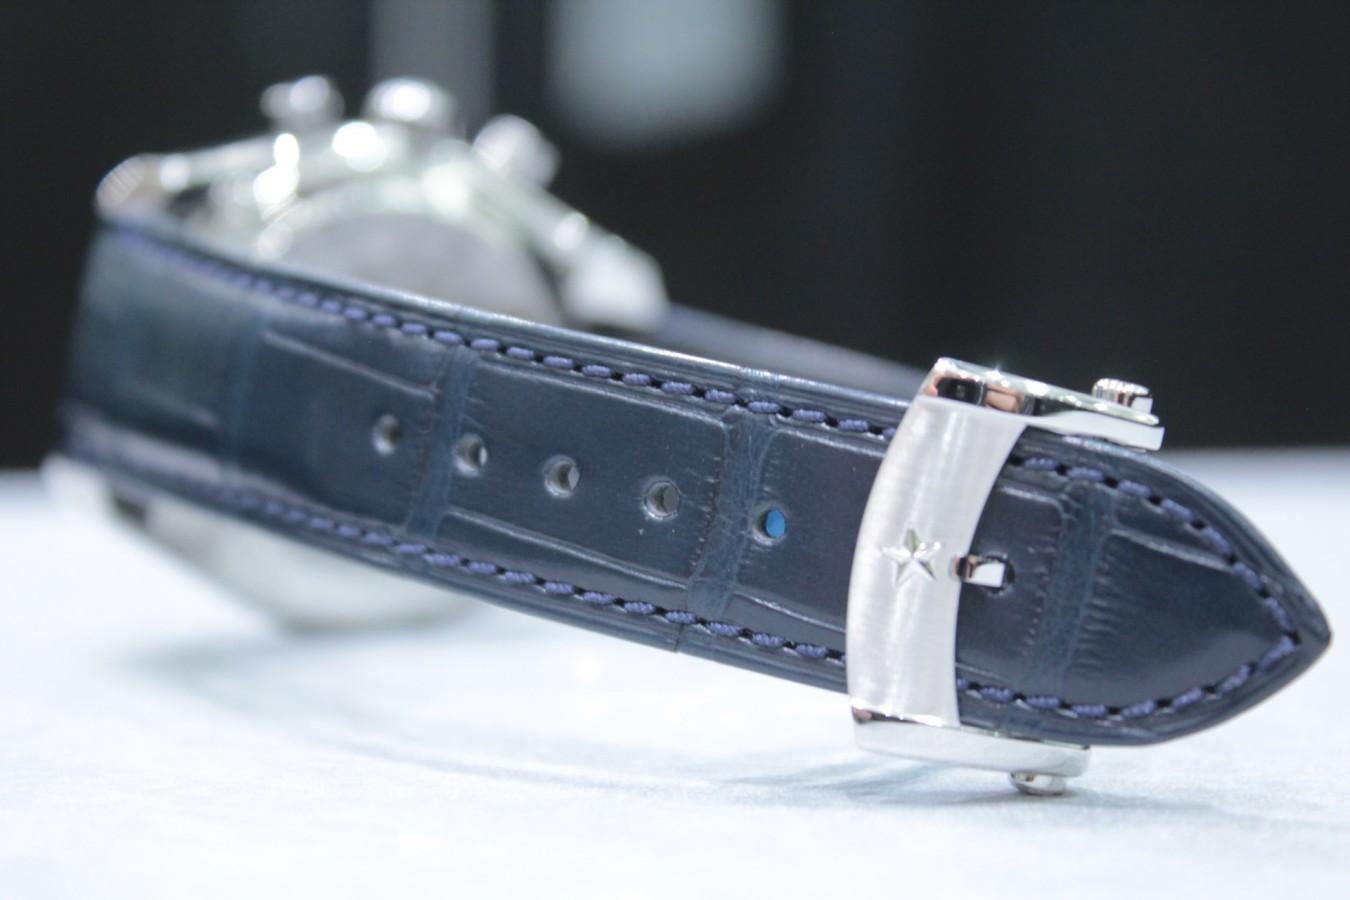 IMG_6271 ブルーダイヤルとマルチカラーが織りなす美しいコントラスト【エル・プリメロ 42mm】 - CHRONOMASTER